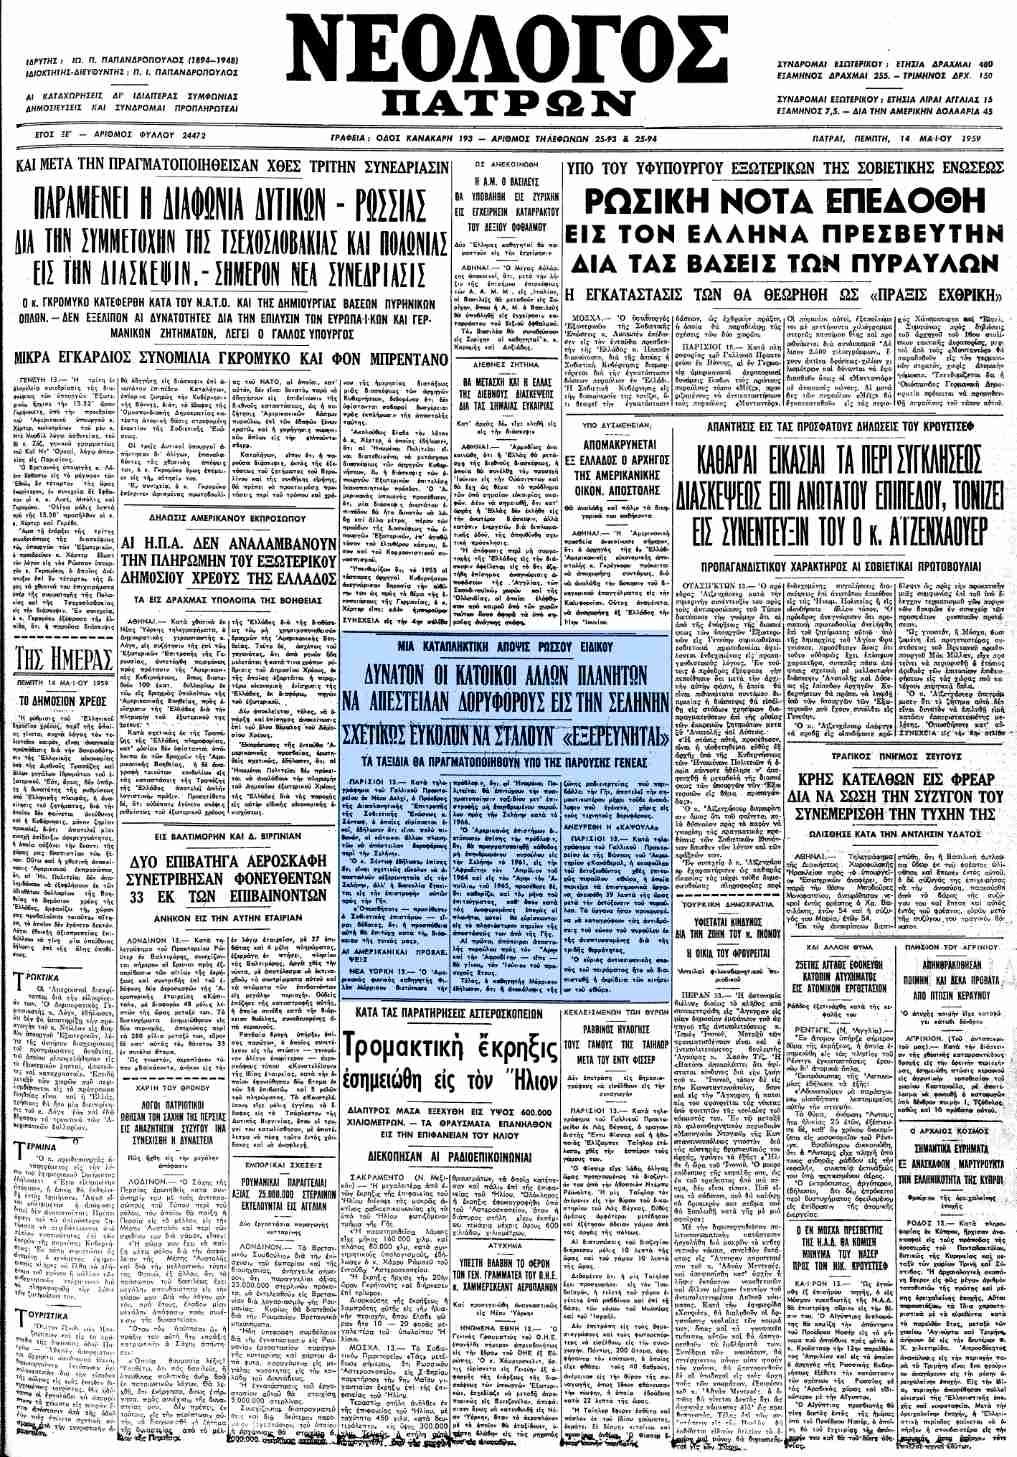 """Το άρθρο, όπως δημοσιεύθηκε στην εφημερίδα """"ΝΕΟΛΟΓΟΣ ΠΑΤΡΩΝ"""", στις 14/05/1959"""